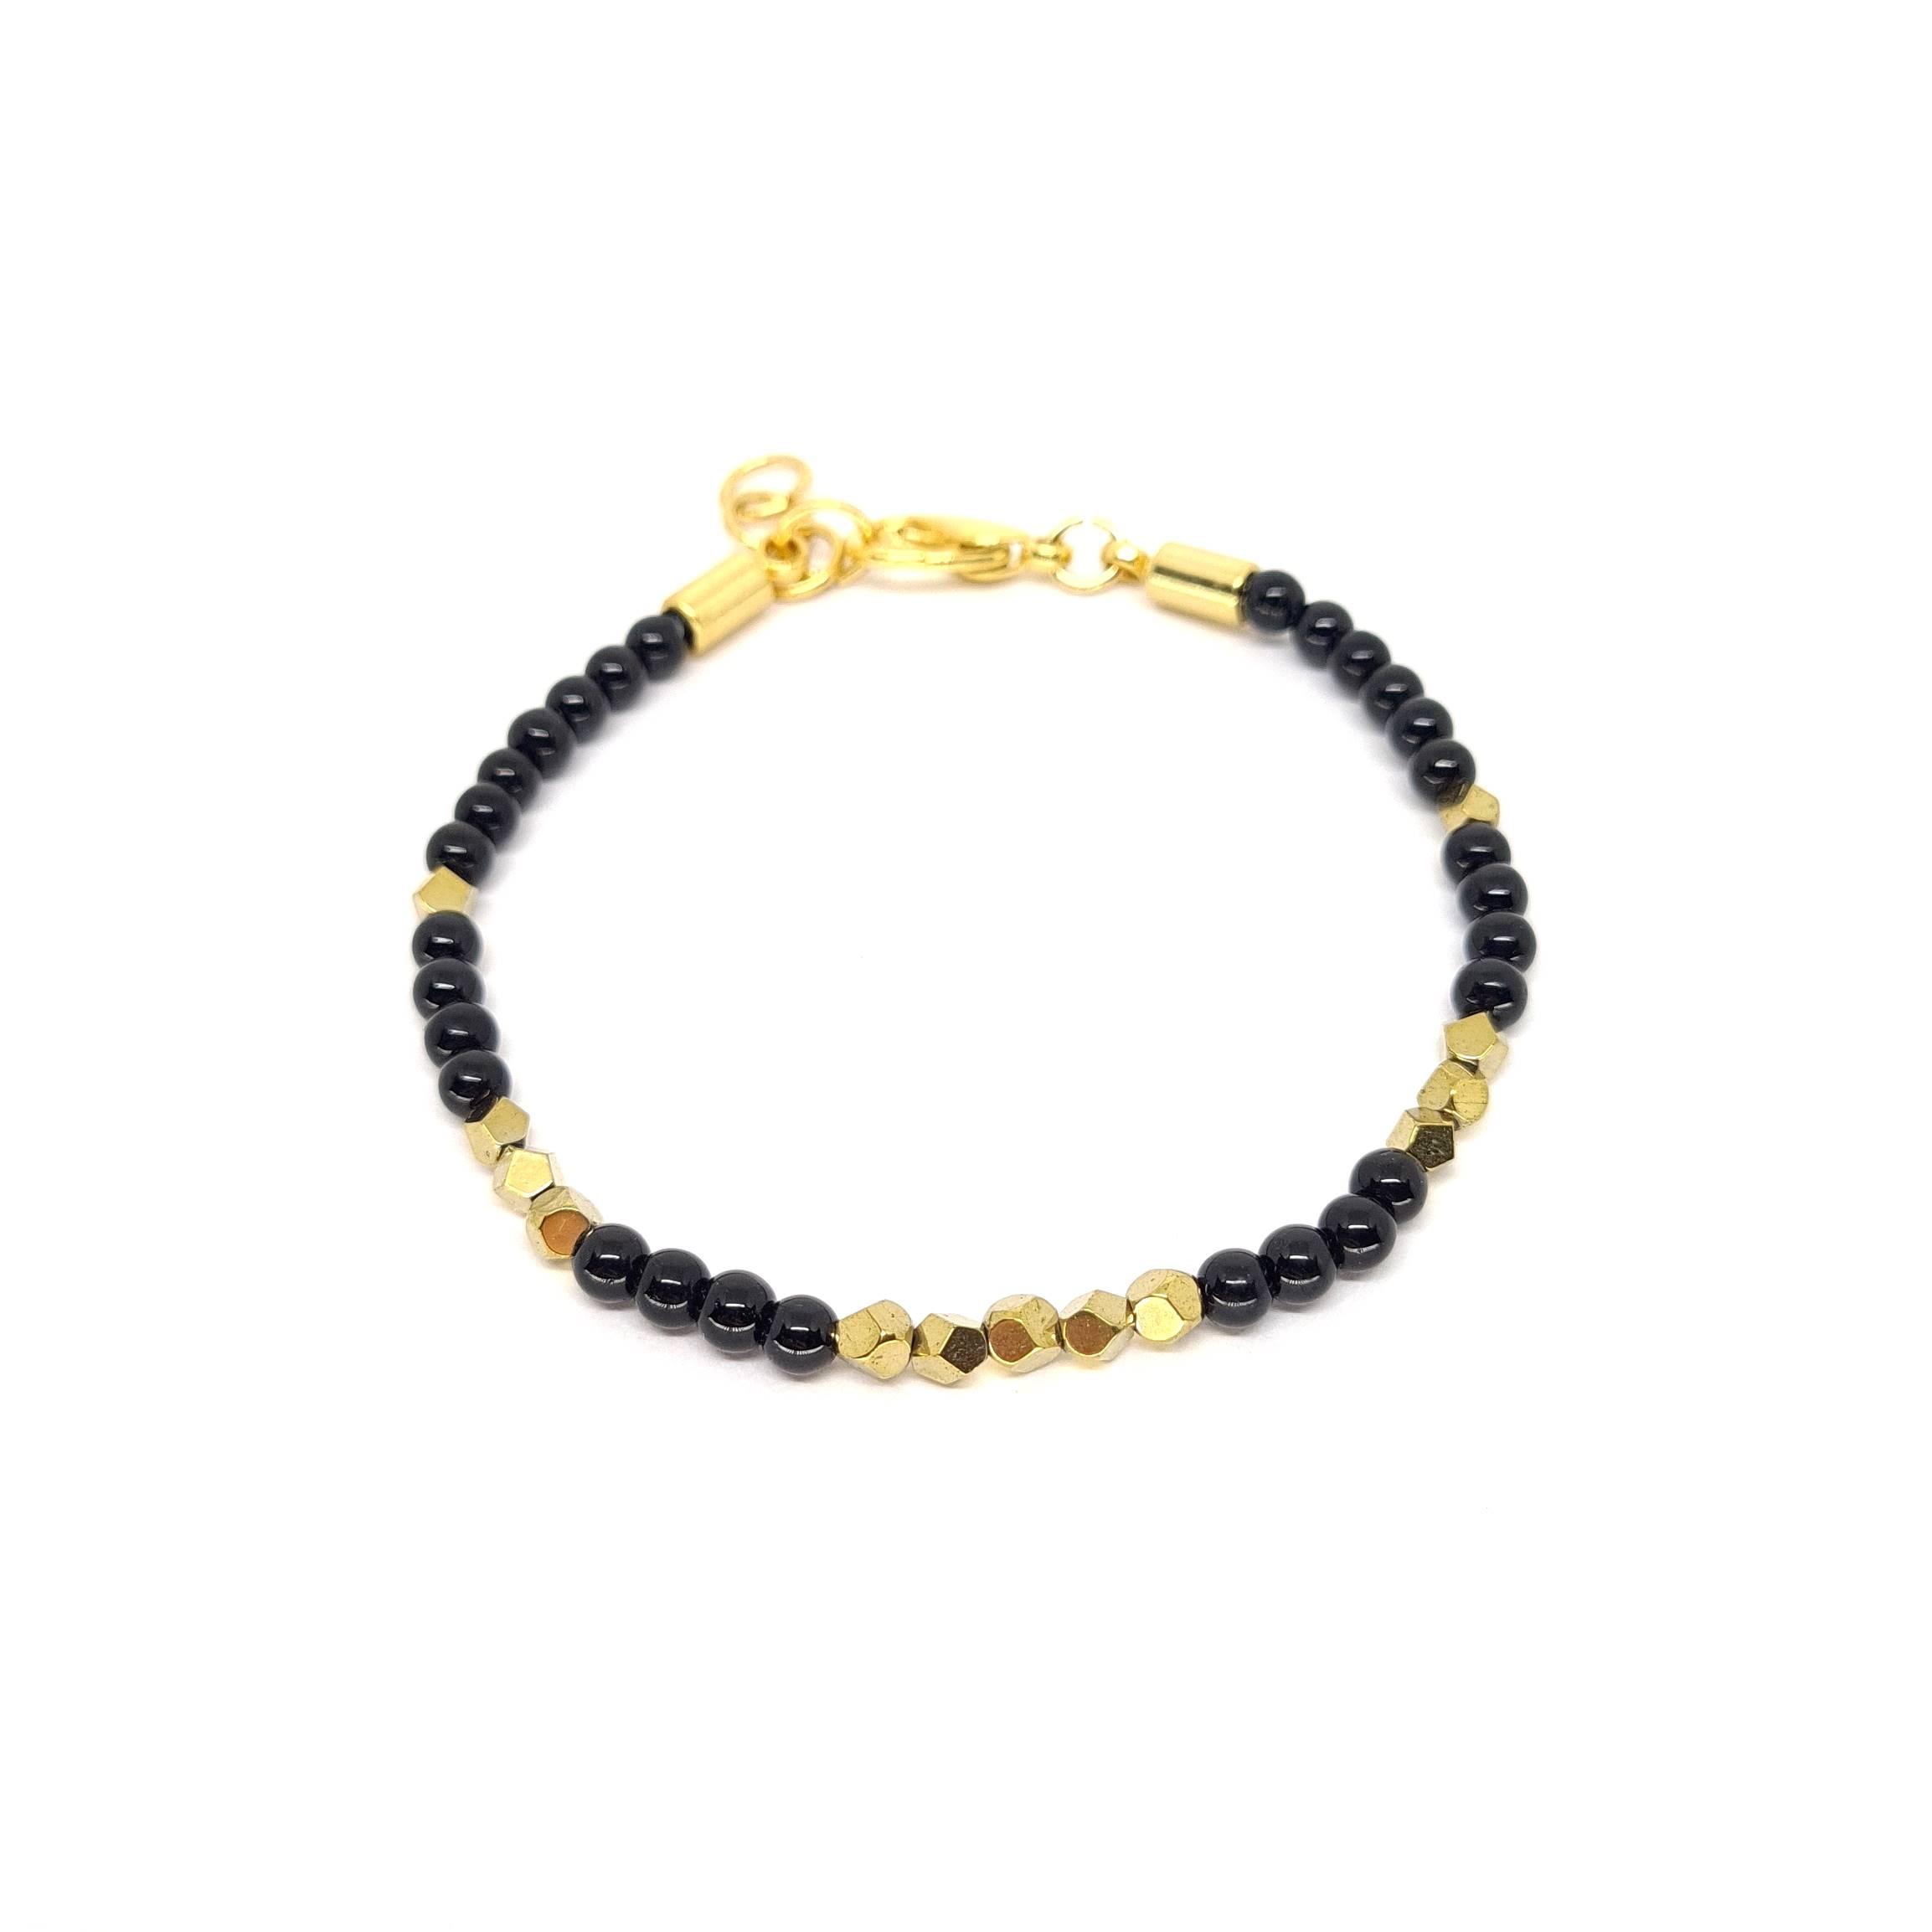 Pulseira de Pedras Onix Faceted Gold